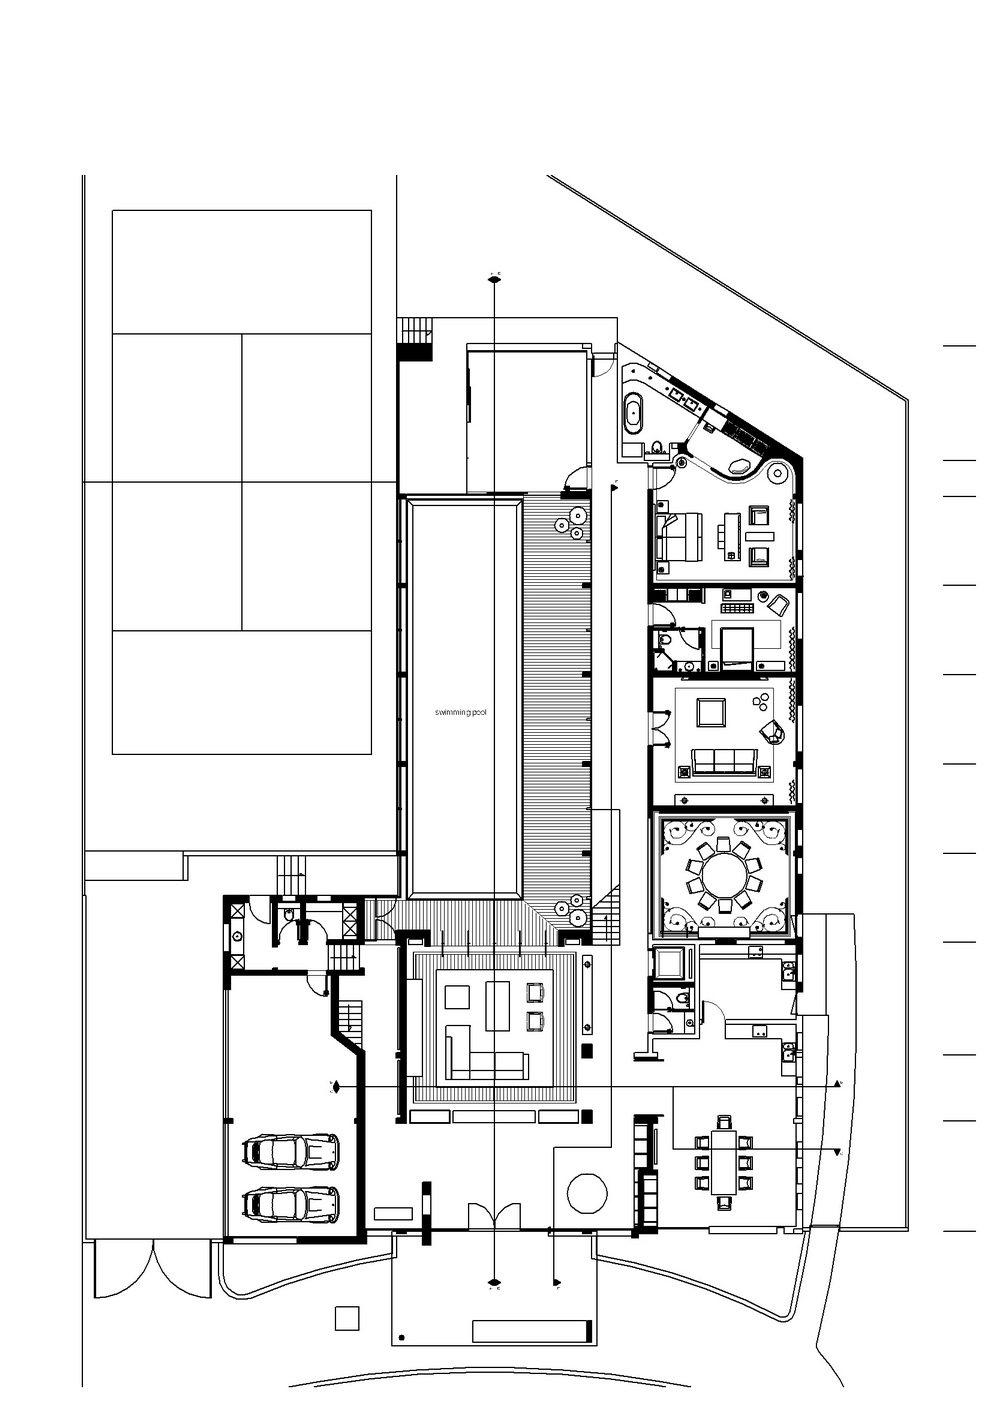 法国托马斯的别墅设计方案【偶得之】_H--Thomas image_NOV_06-LI-APS-PS-REV002.jpg